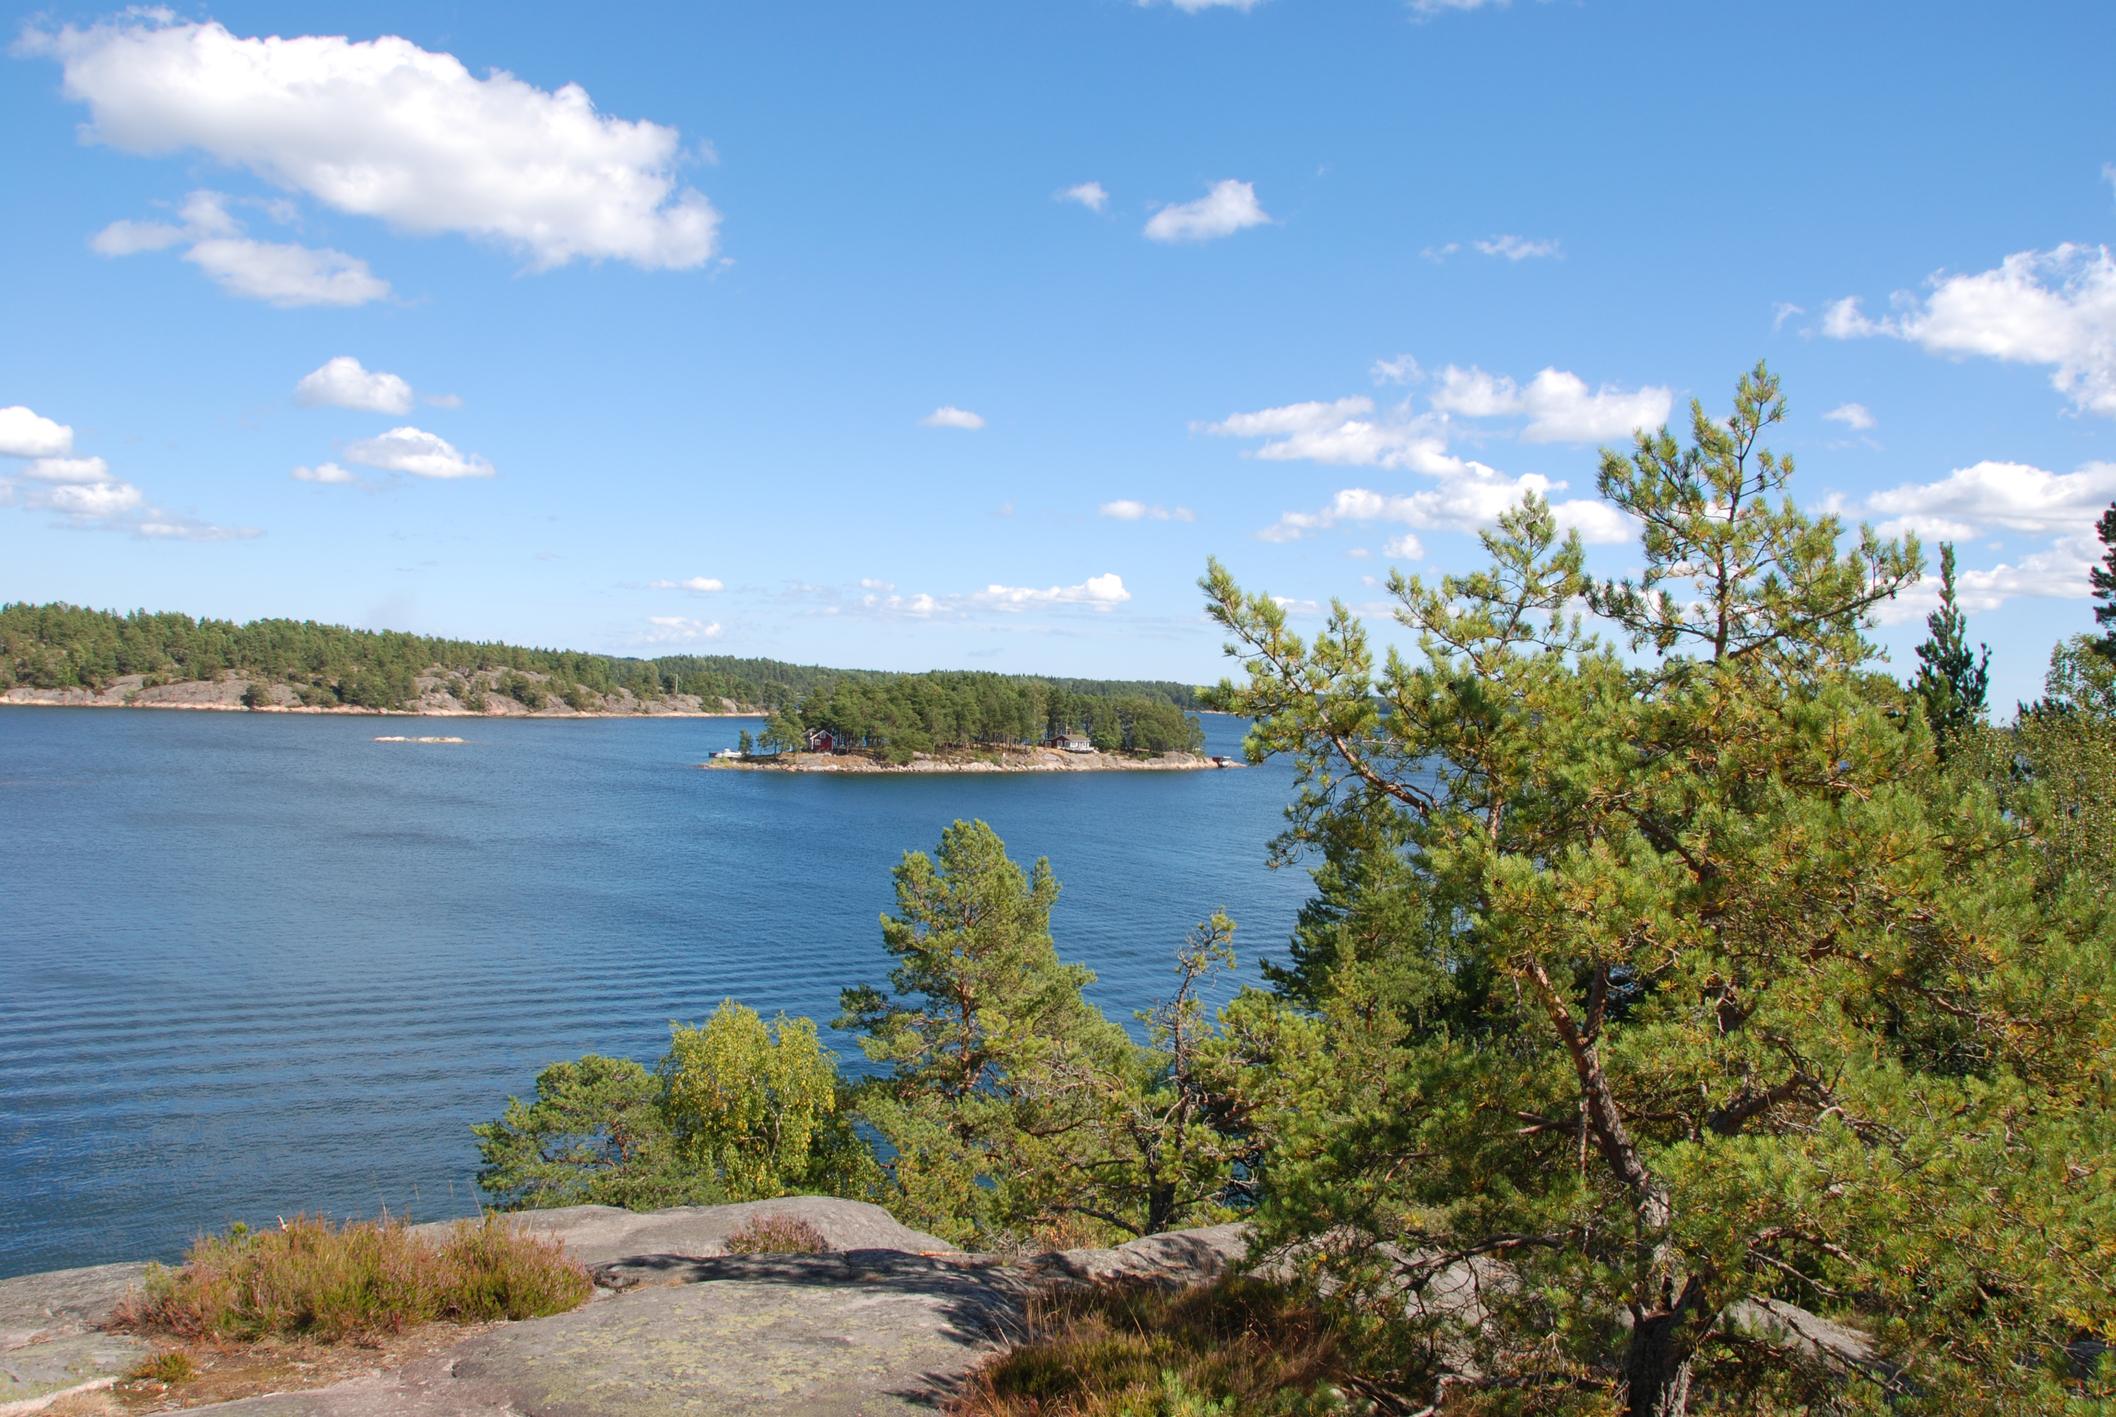 Гринда, Швеция - на острова е забранено карането на коли, но предлага много пясъчни плажове, пешеходни пътеки и селски чар.